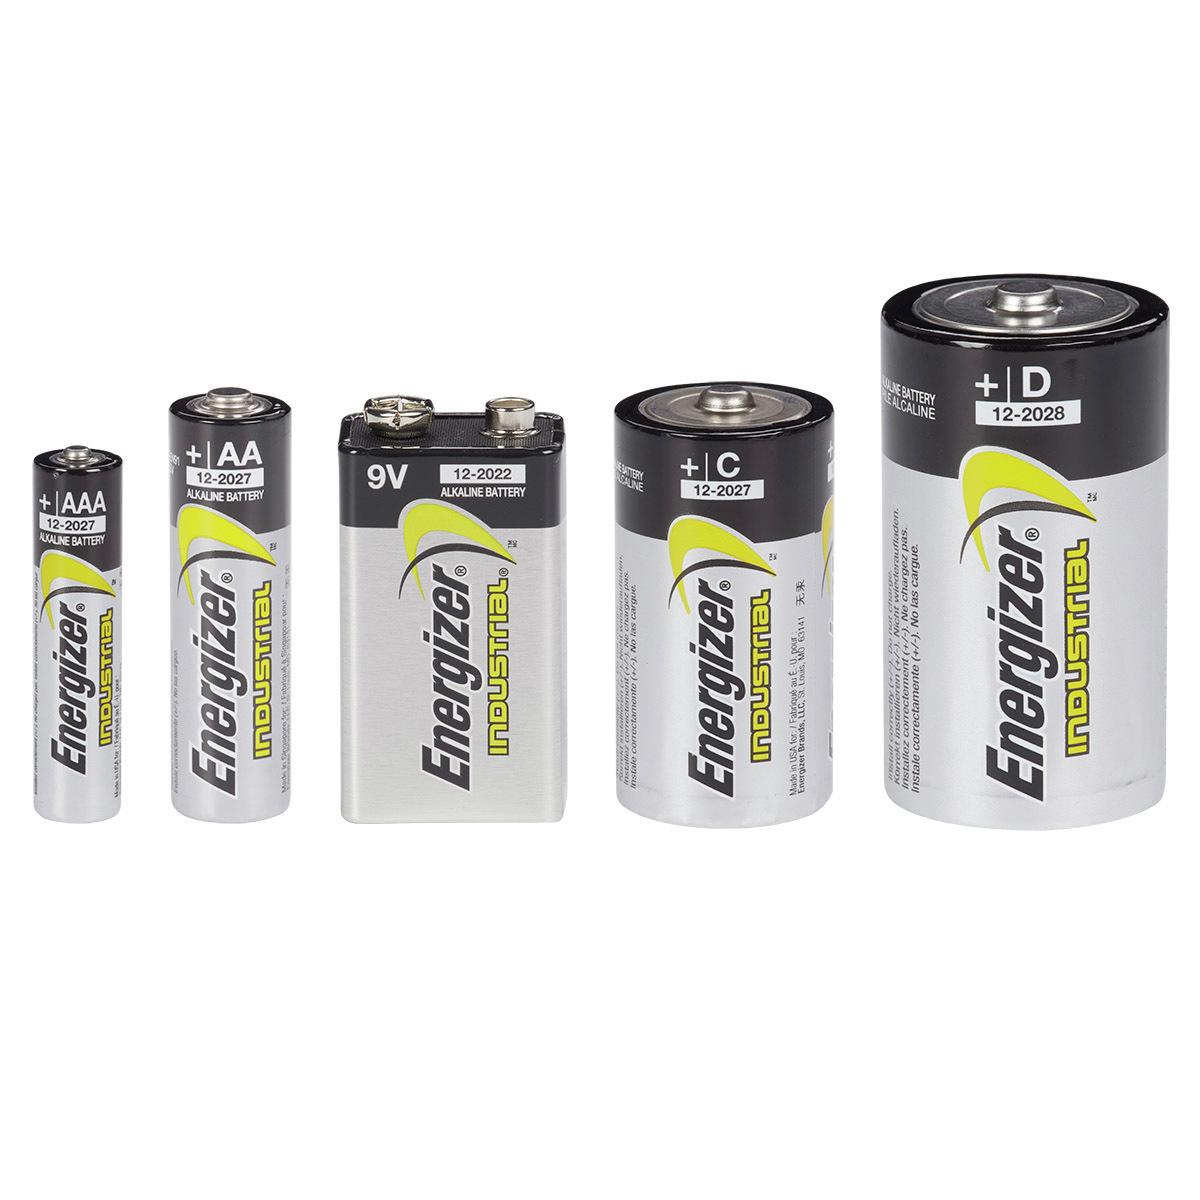 Heavy Duty Alkaline Batteries Bound Tree